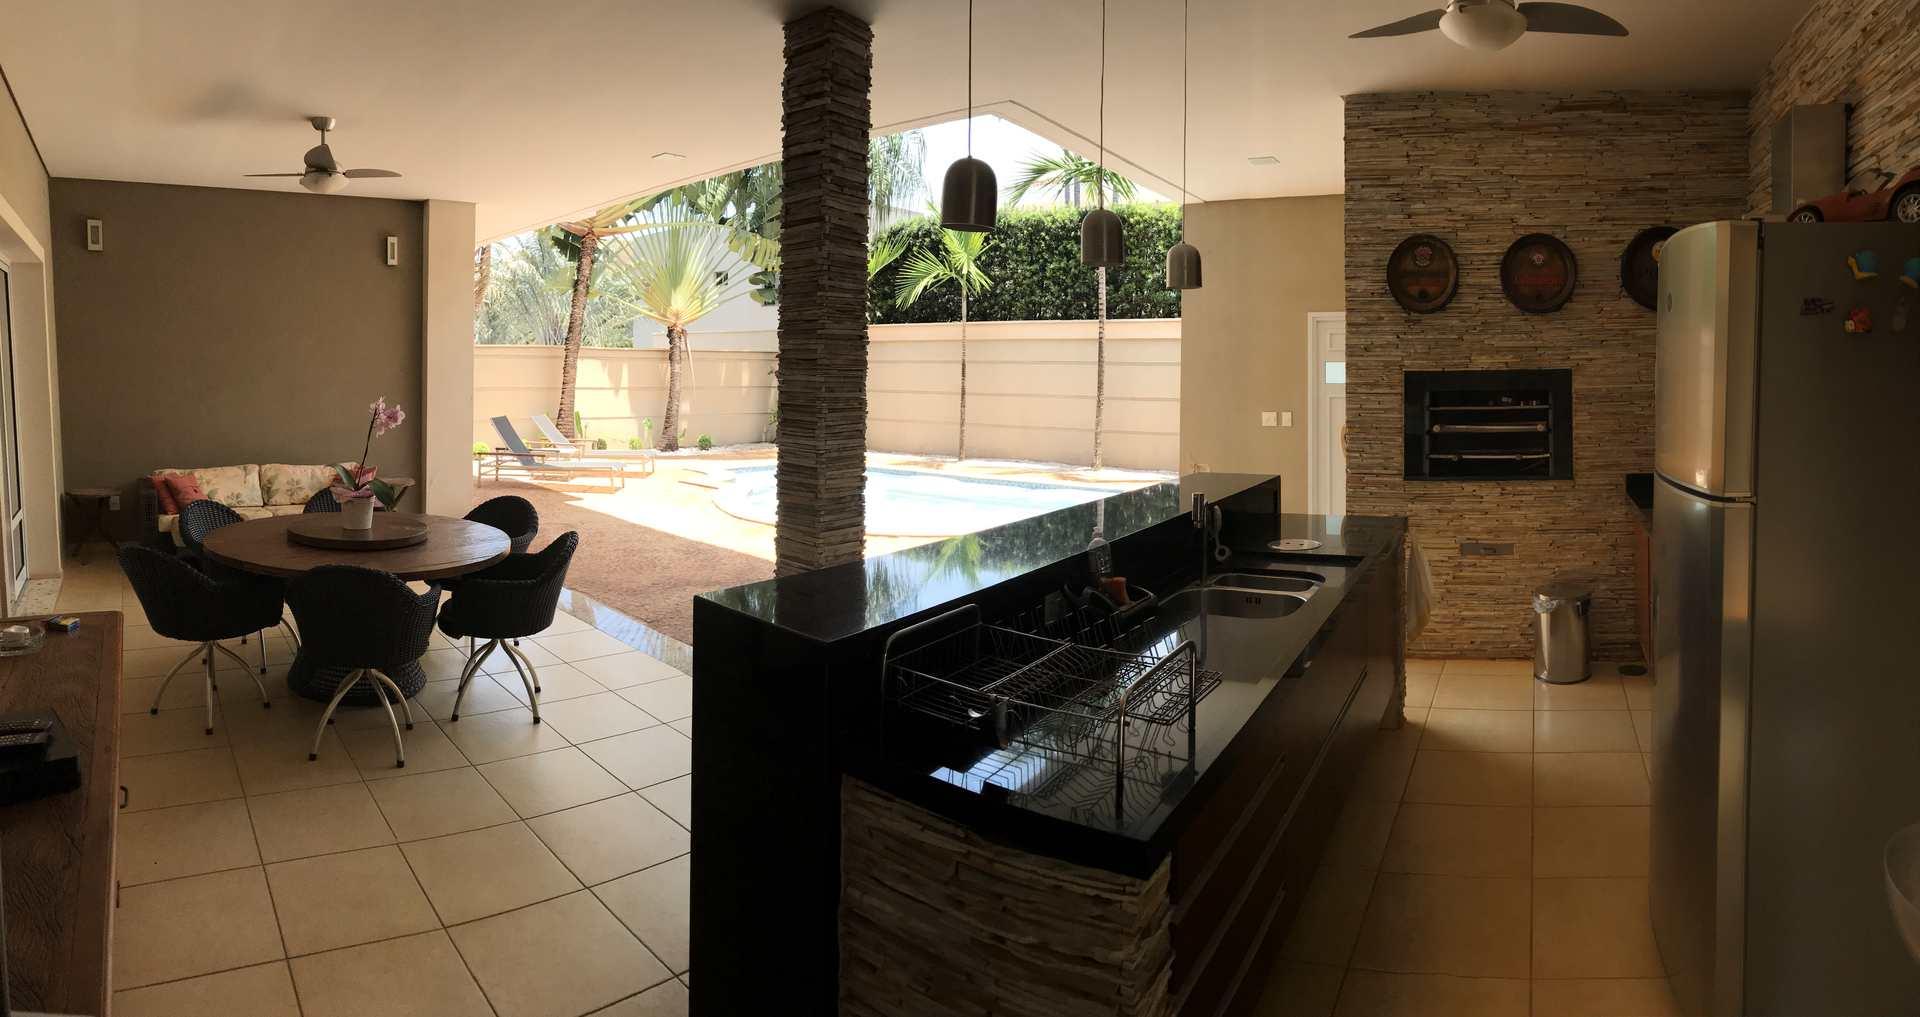 Casa de Condomínio com 4 dorms, Jardim Canadá, Ribeirão Preto - R$ 3.8 mi, Cod: 1722093